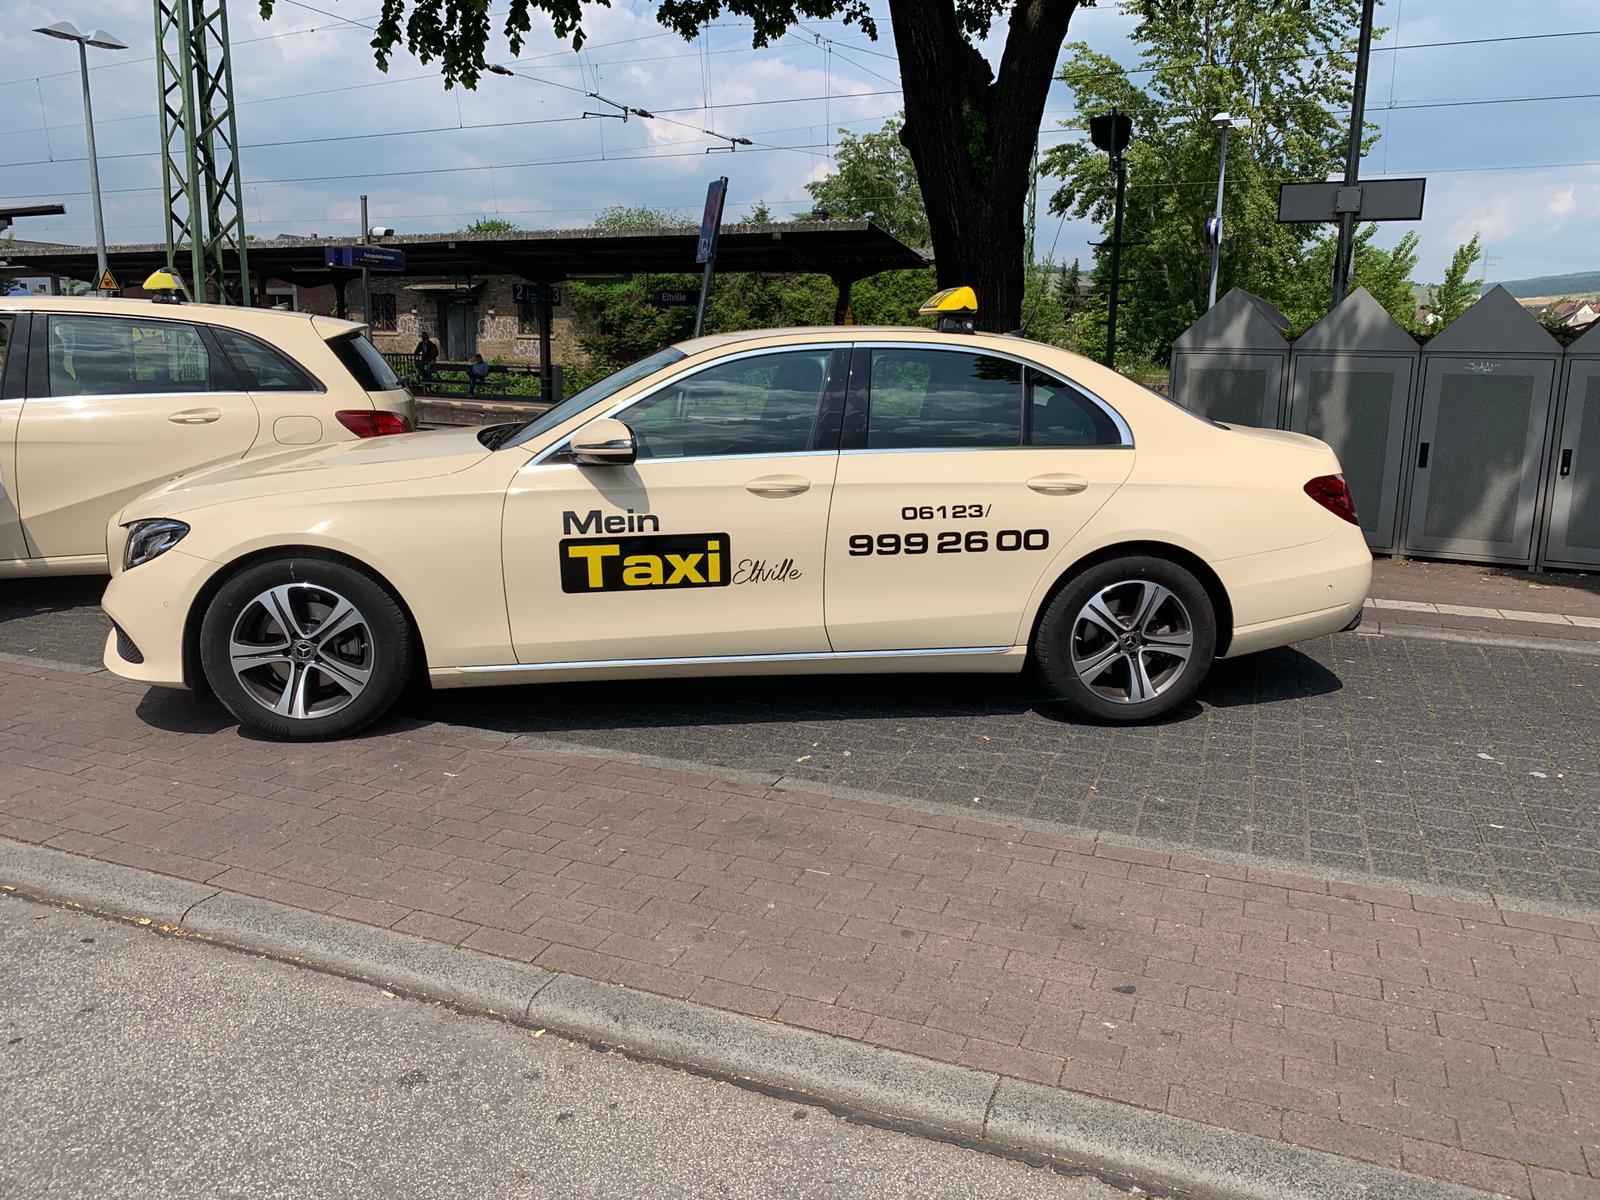 Eltville Taxi